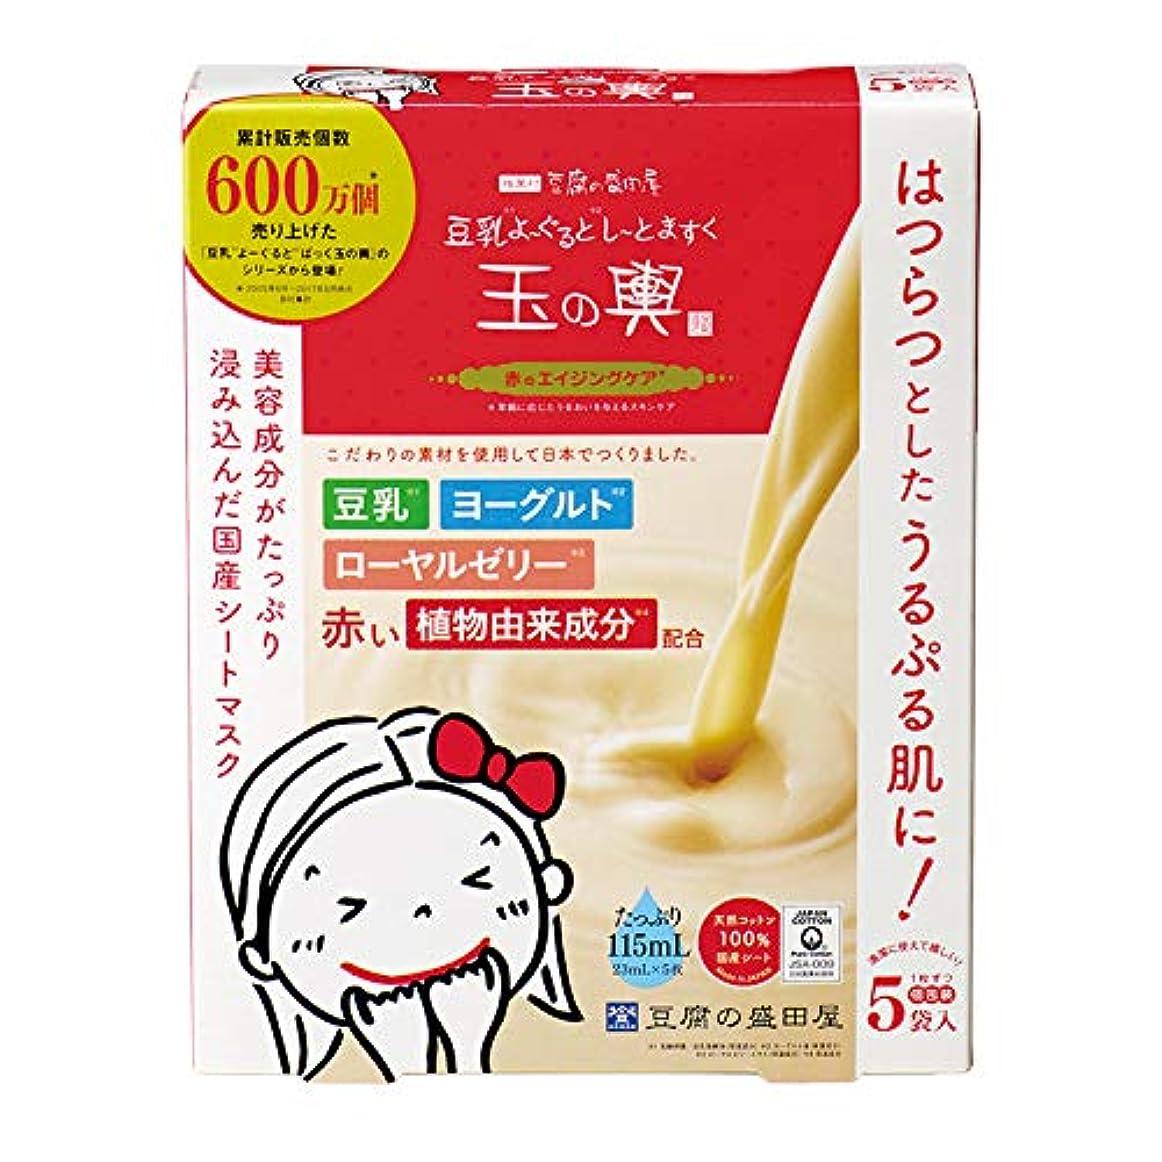 トリプル二年生夜間豆腐の盛田屋 豆乳よーぐるとしーとますく 玉の輿〈赤のエイジングケア〉23mL×5枚